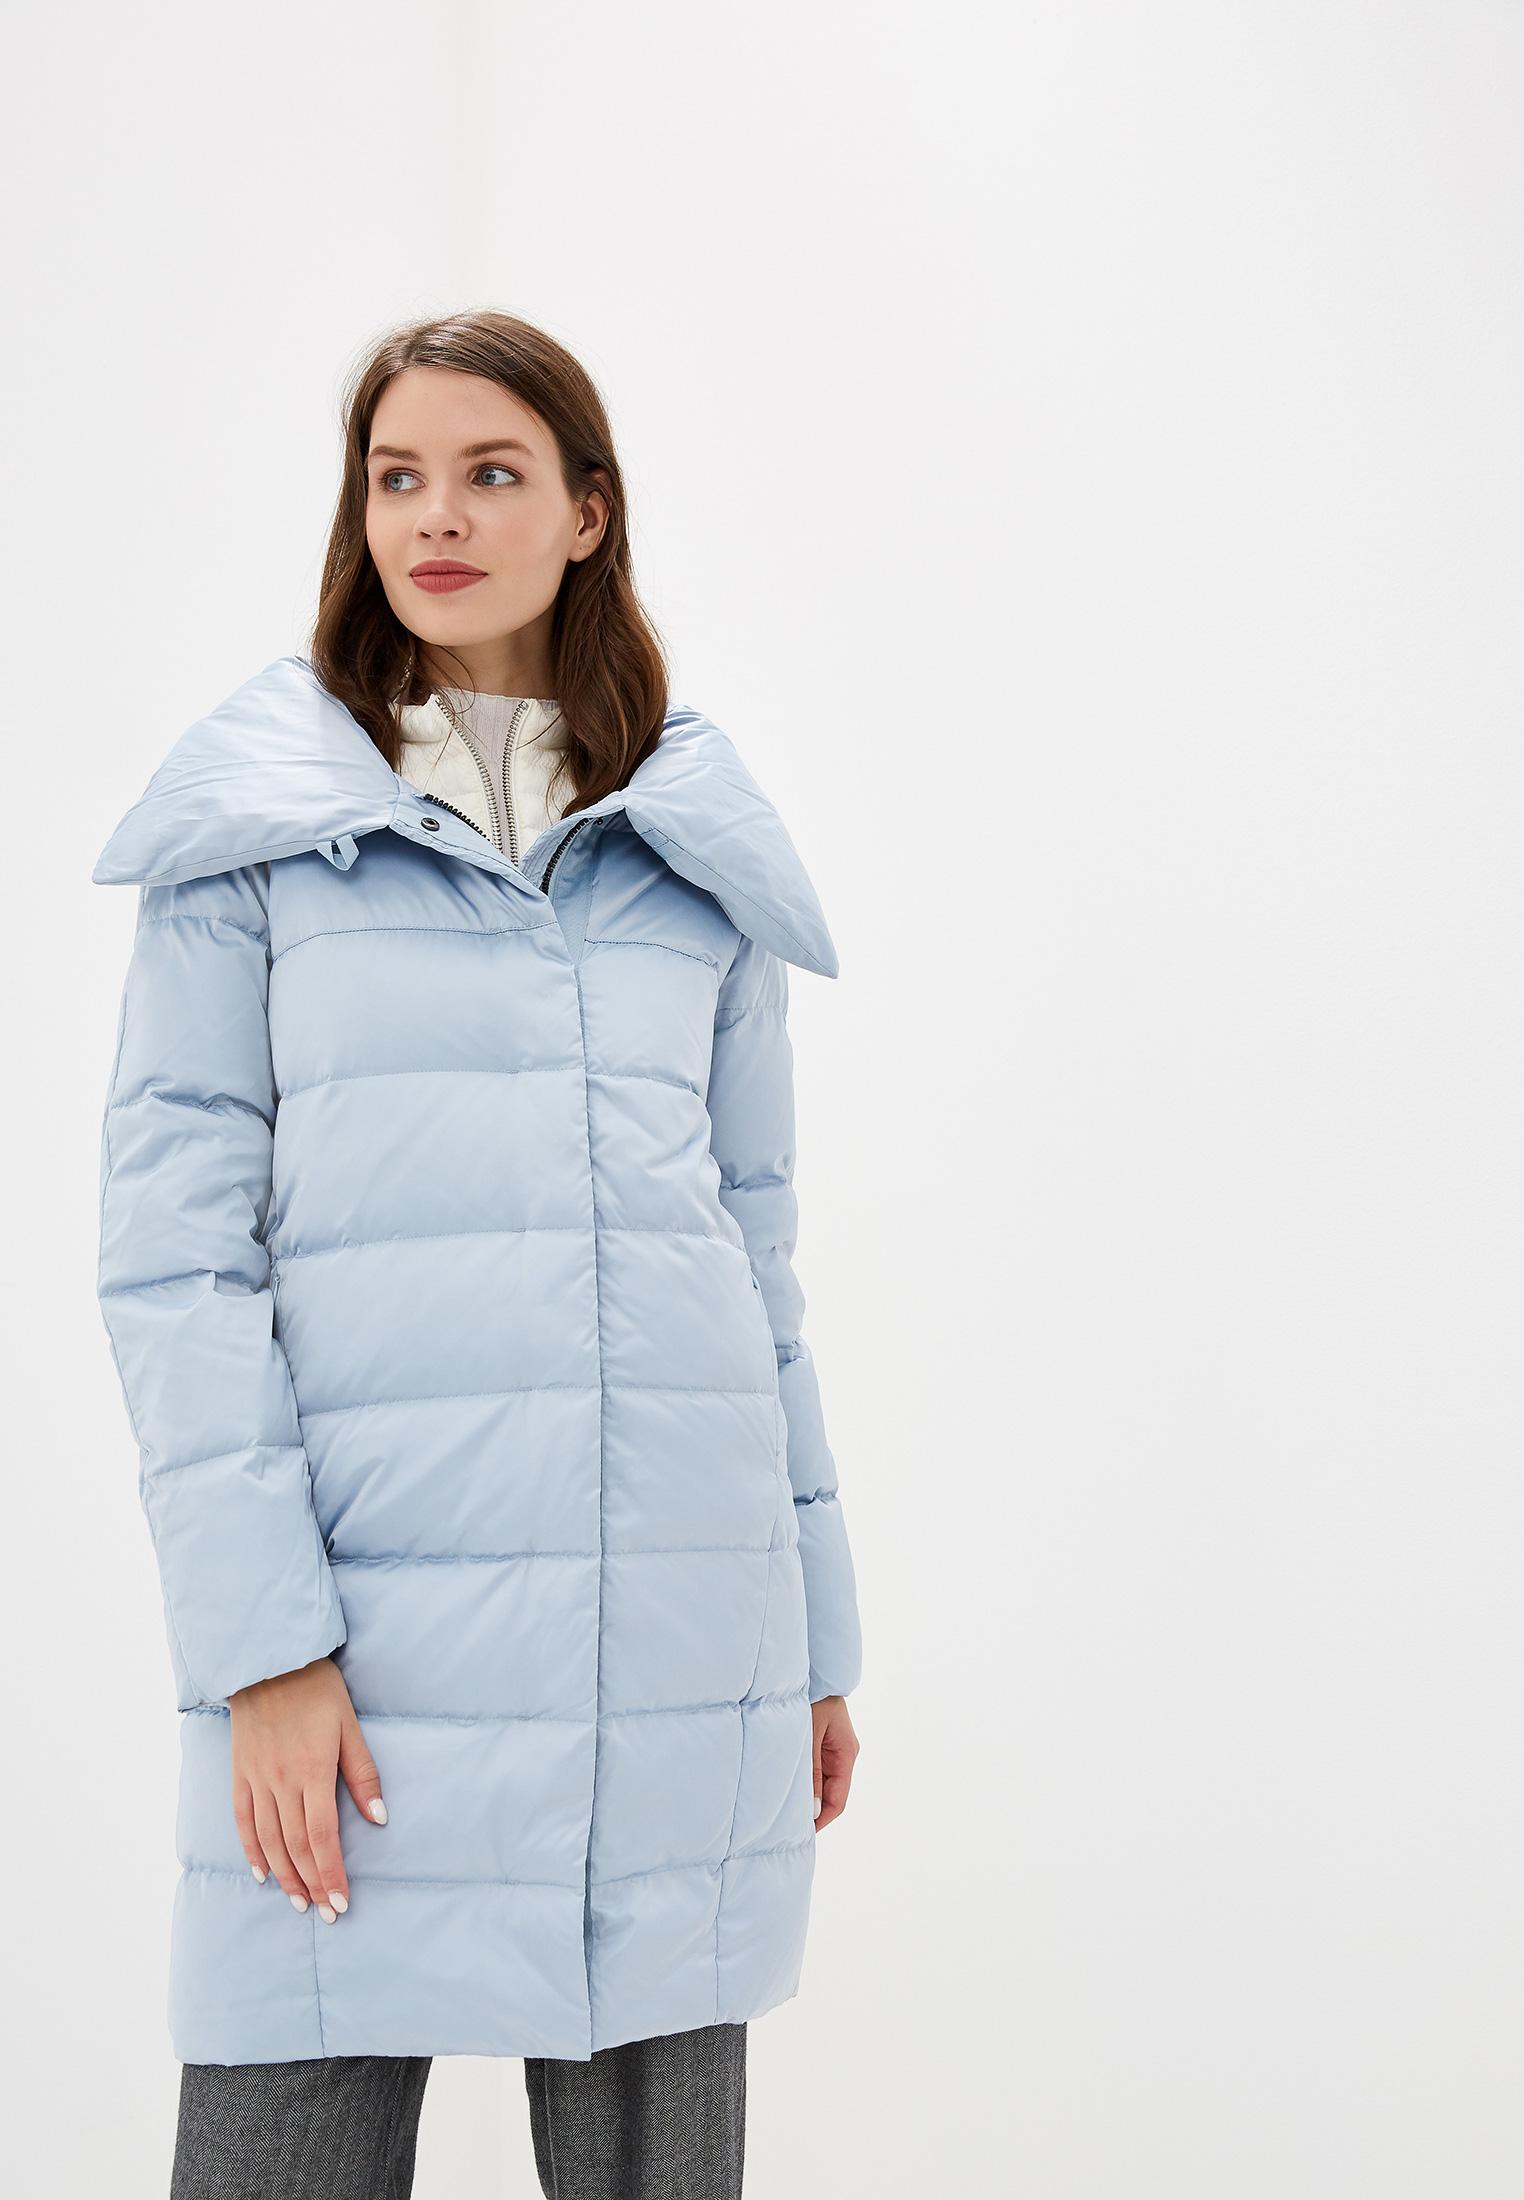 Пуховик, Savage, цвет: голубой. Артикул: SA004EWGESB7. Одежда / Верхняя одежда / Пуховики и зимние куртки